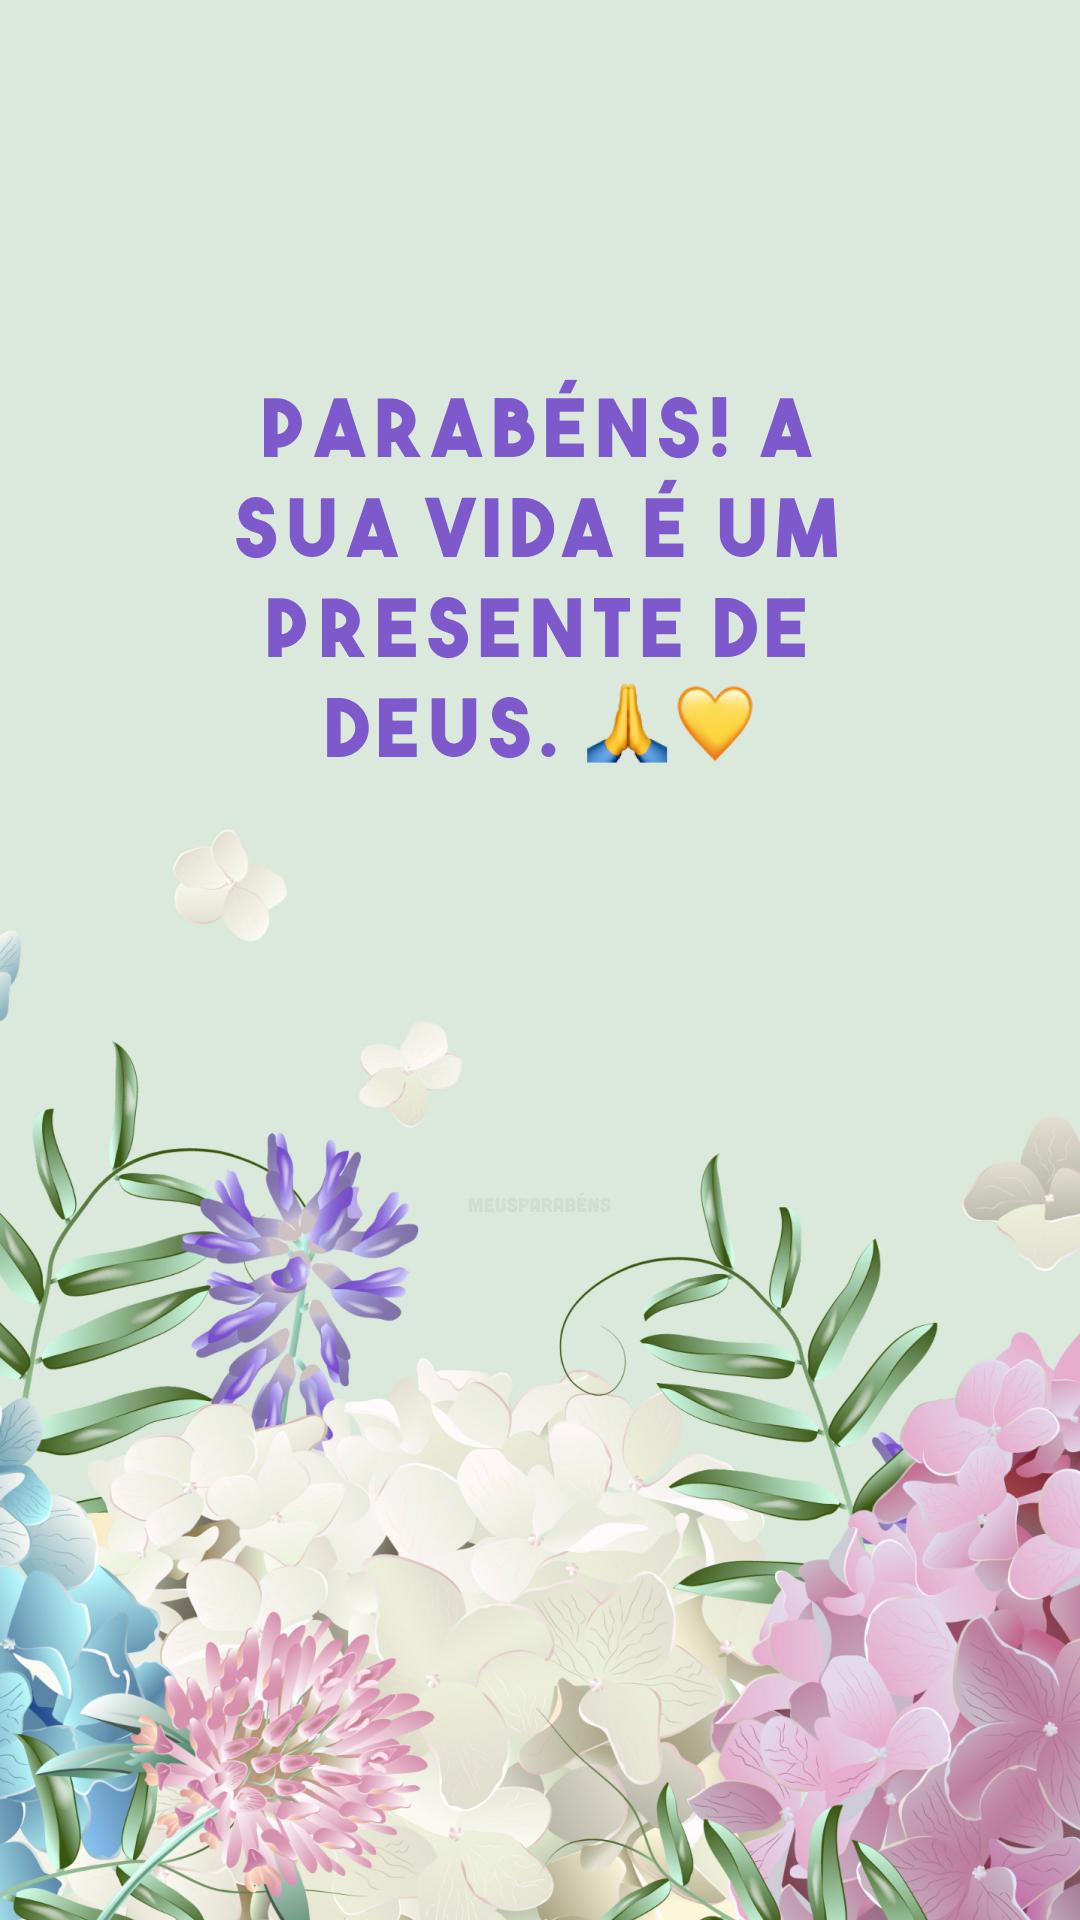 Parabéns! A sua vida é um presente de Deus. 🙏💛